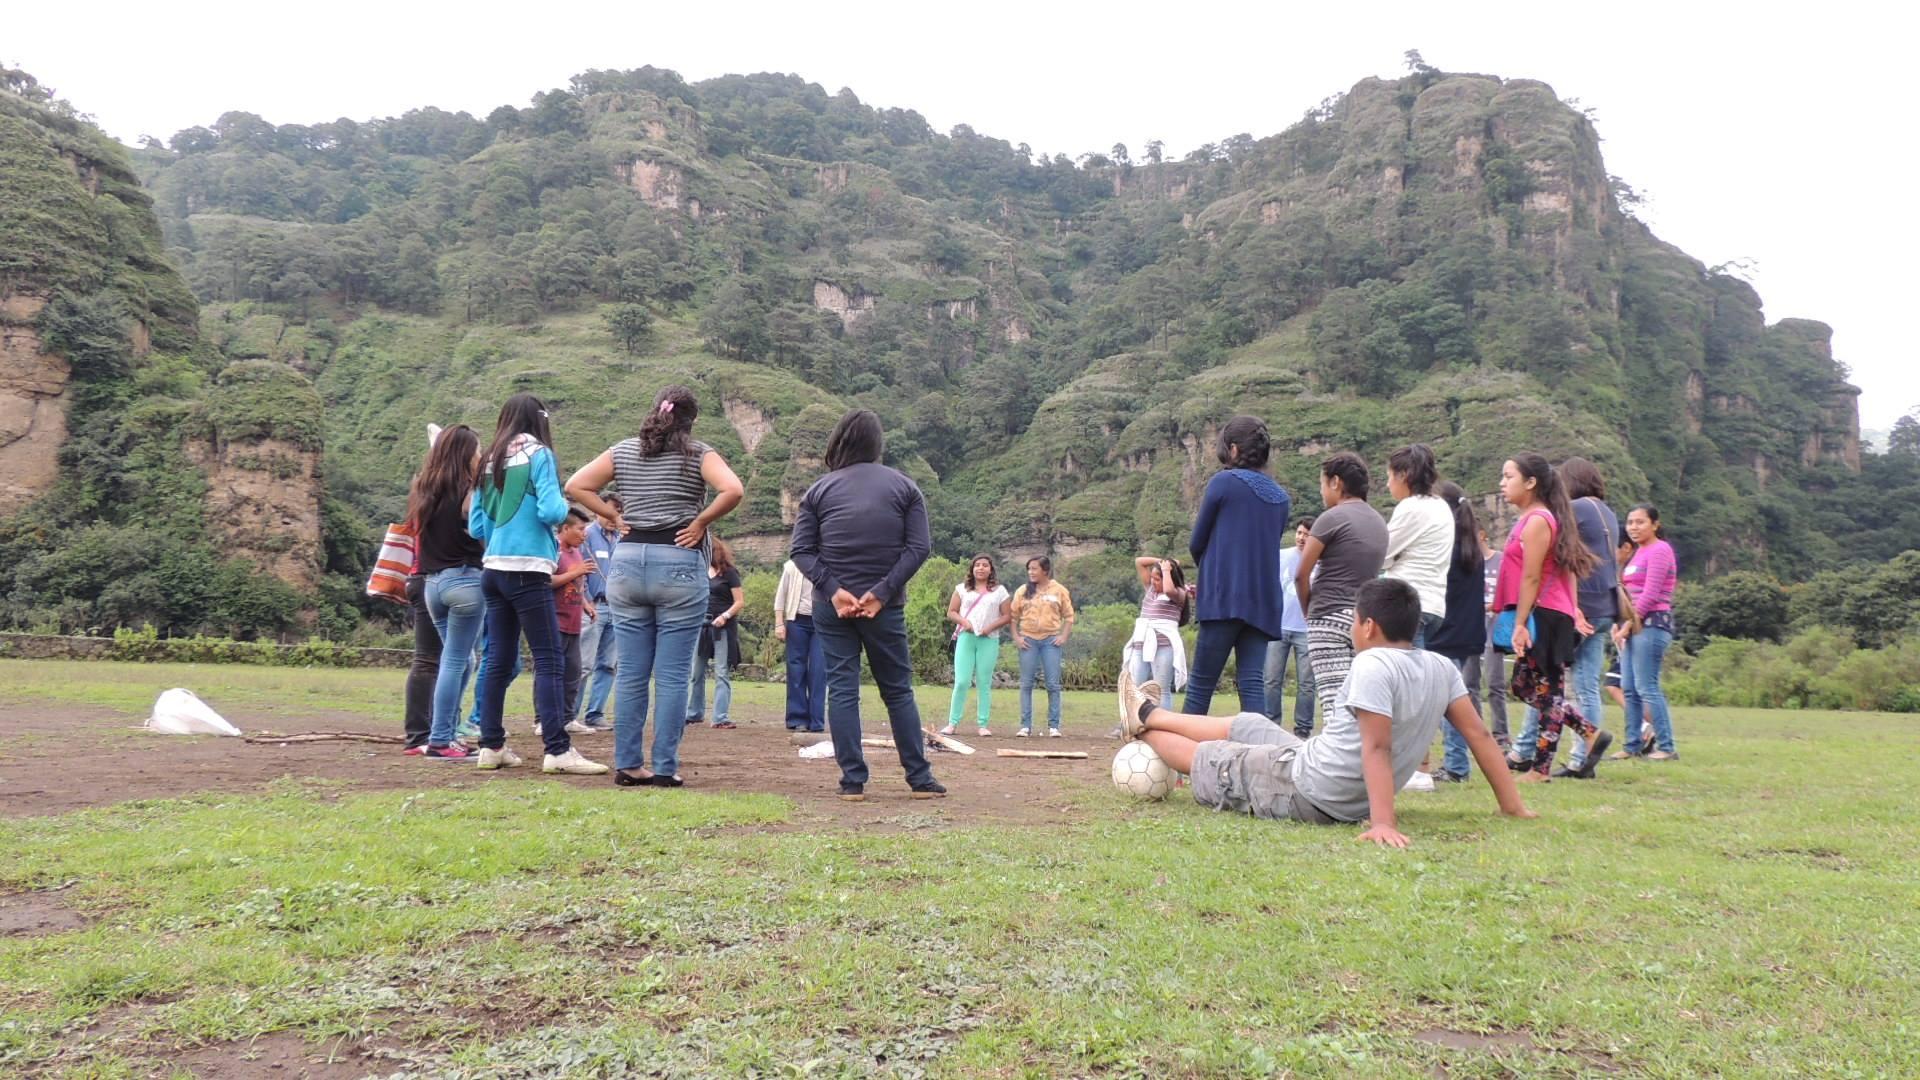 Convivio_La_Jugarreta_y_Caminando_Unidos_en_Tepoztlán_2